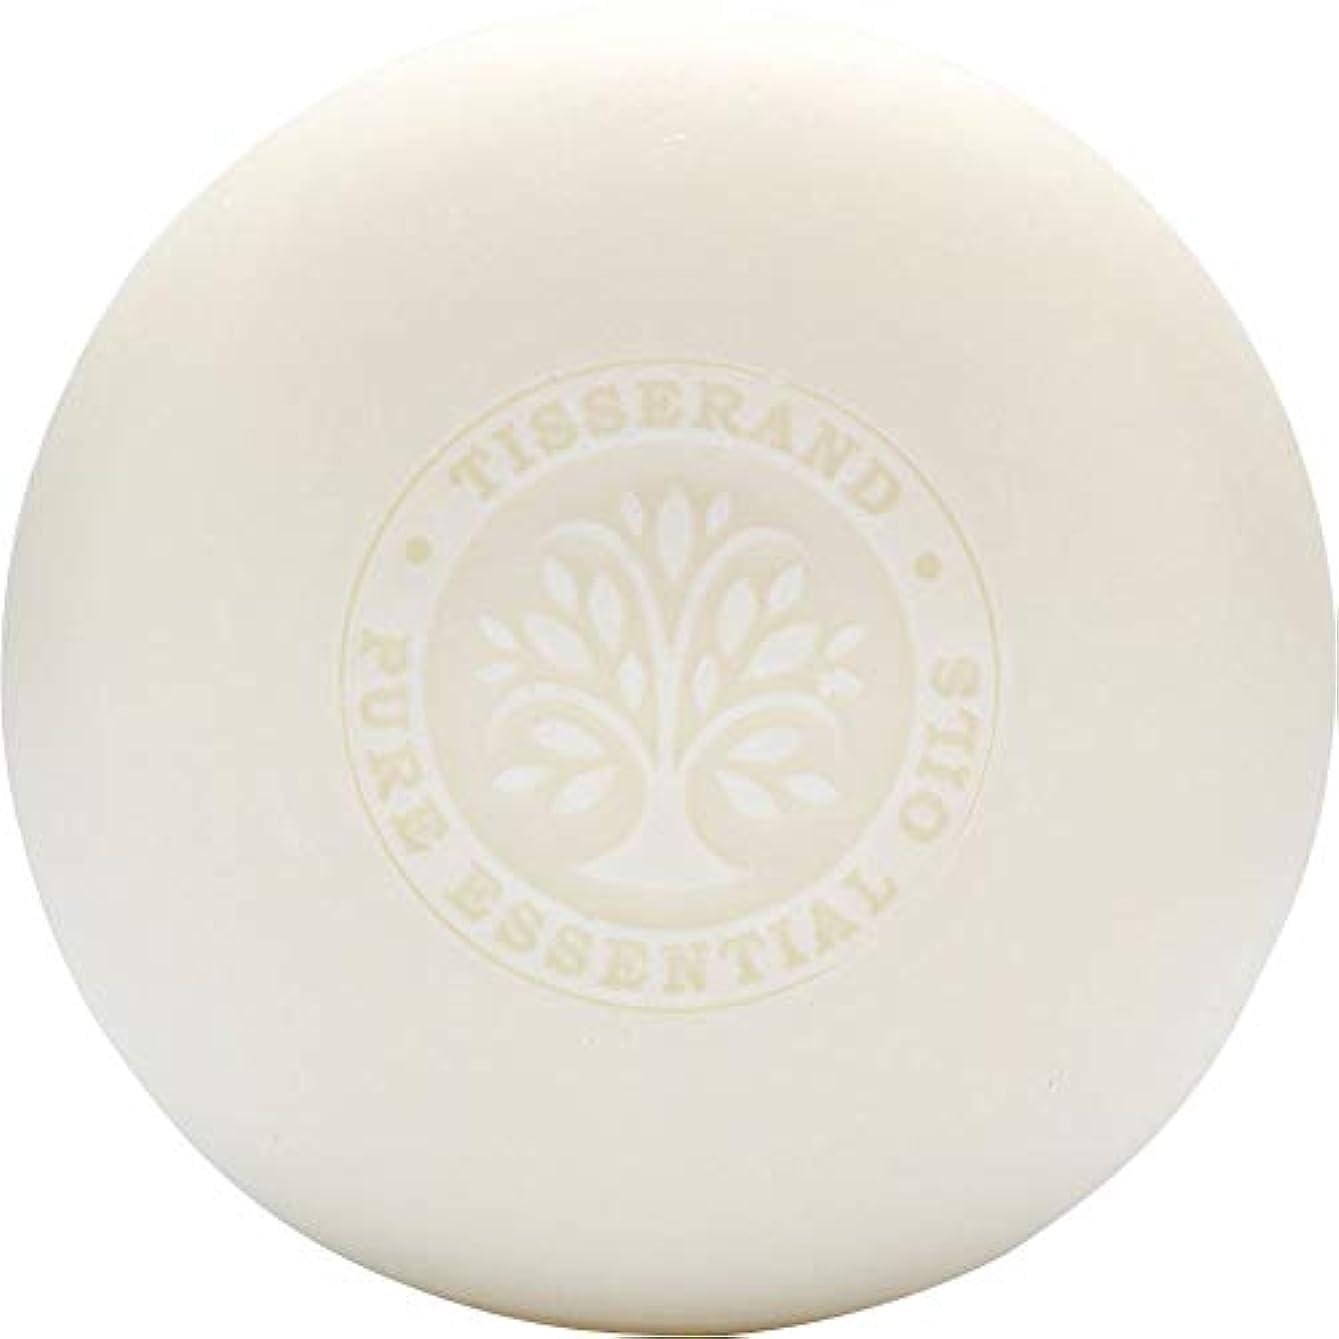 症候群斧次へ[Tisserand] ティスランドローズ&ゼラニウムの葉石鹸100グラム - Tisserand Rose & Geranium Leaf Soap 100g [並行輸入品]